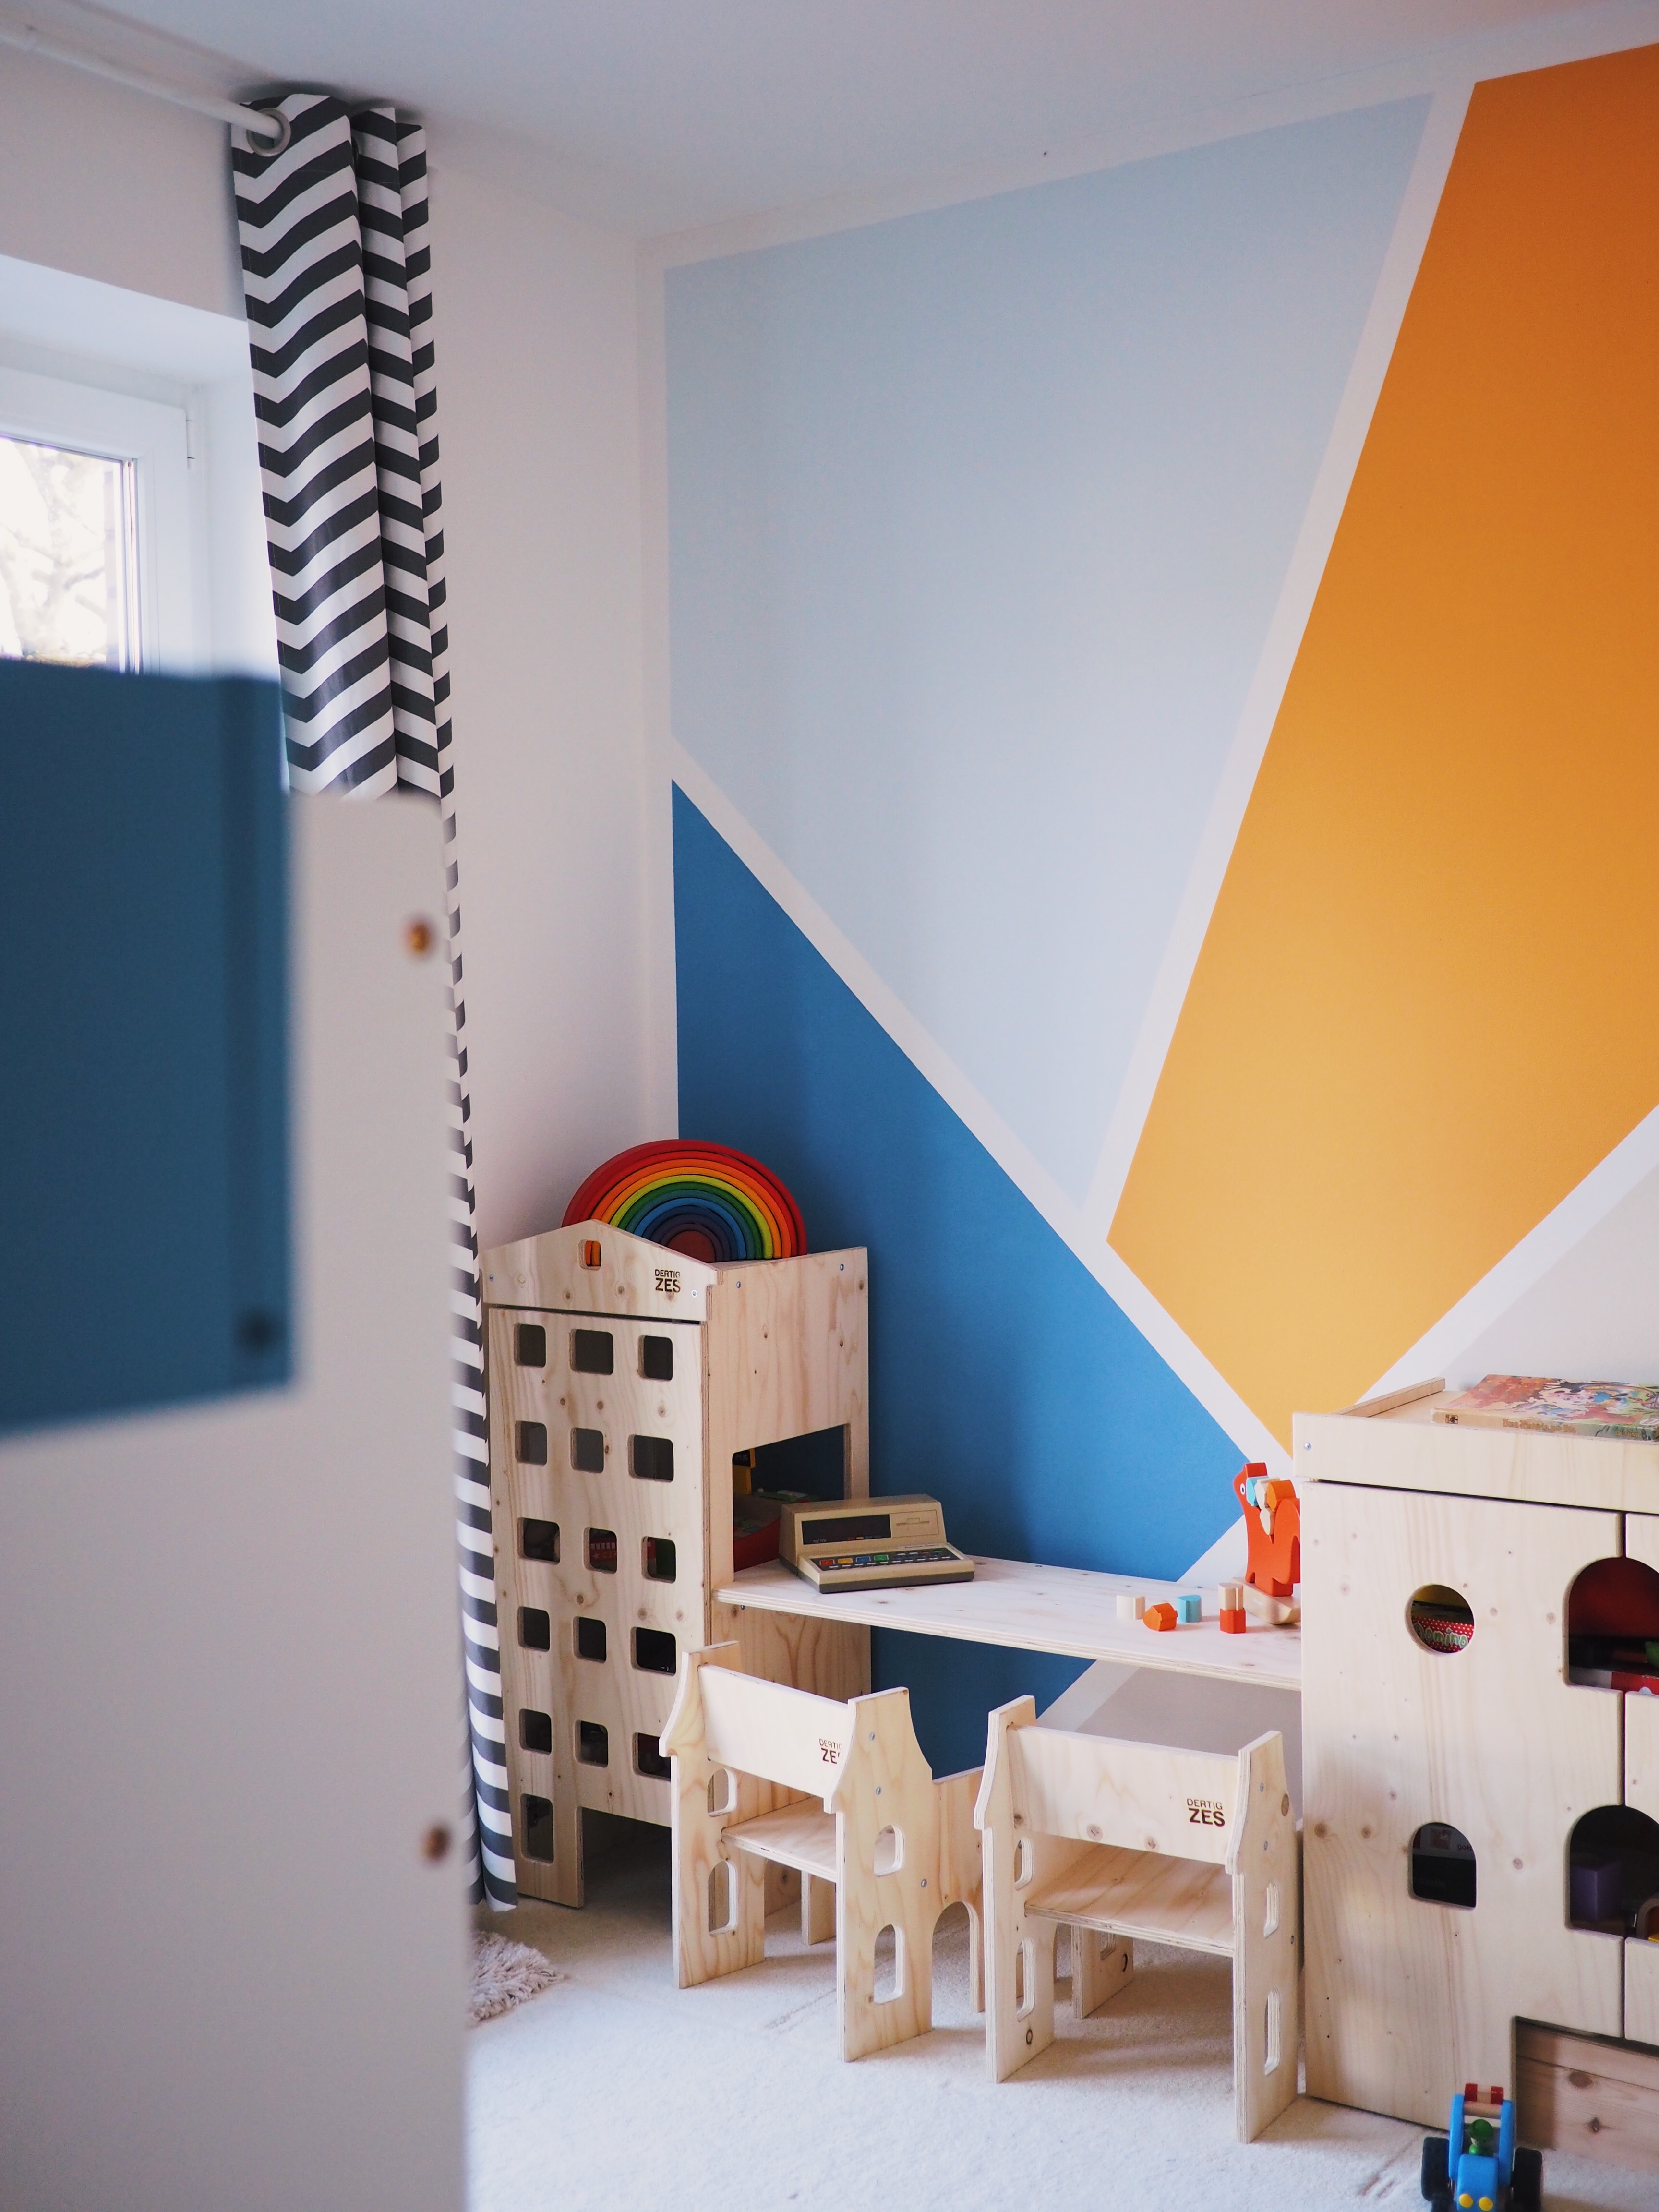 Mit Farben Kinderzimmer dekorieren - Ideen & Tipps - Der Blog für ...